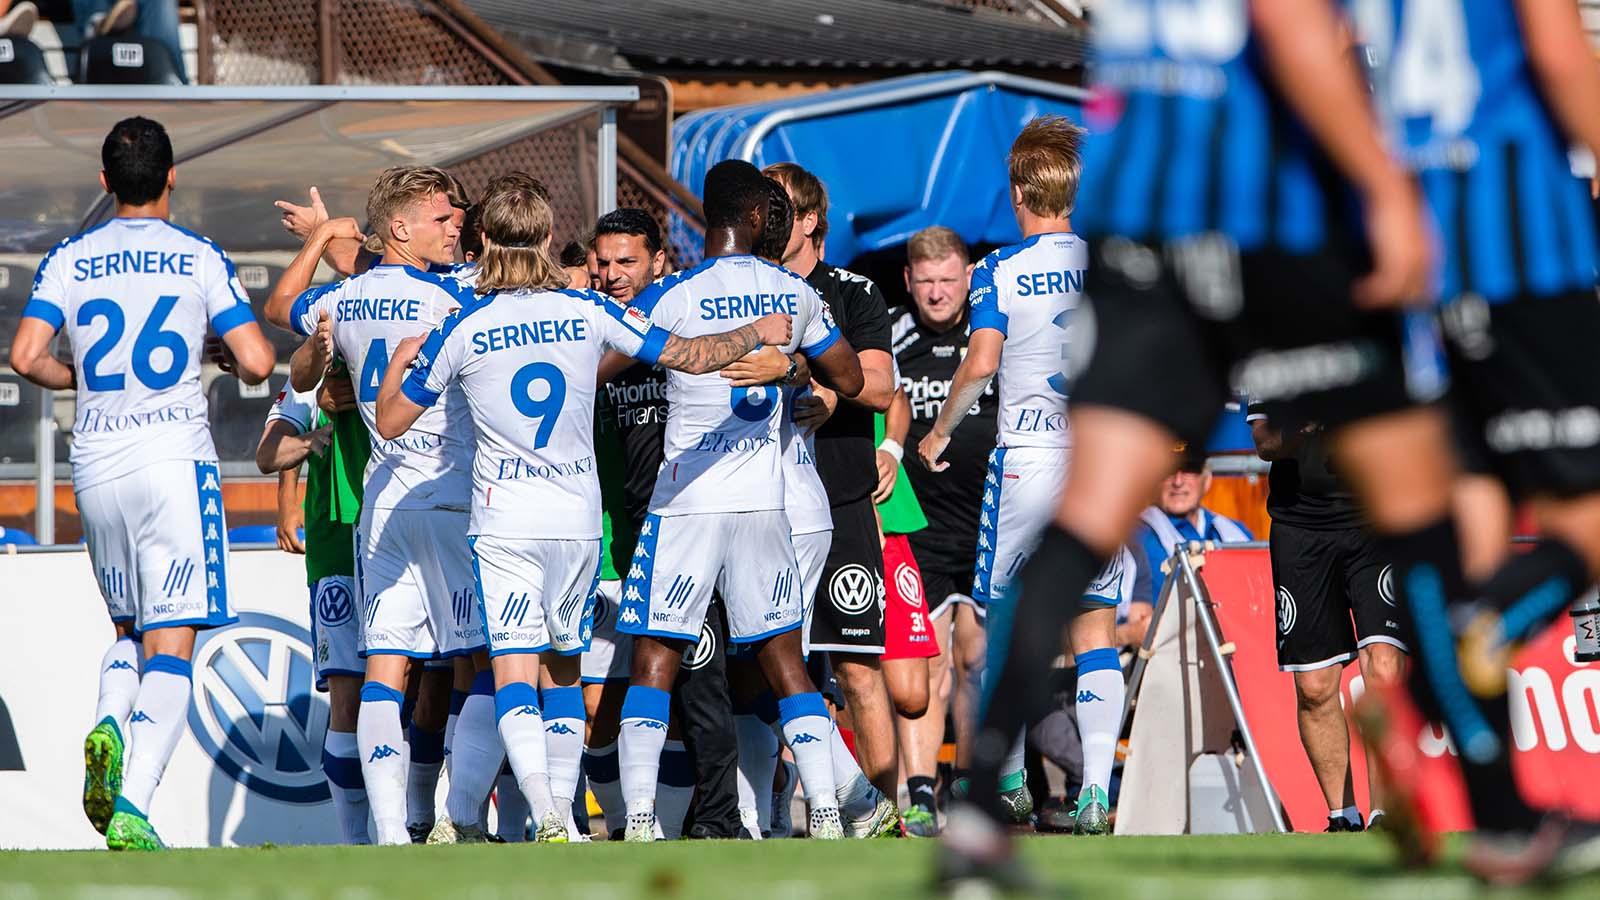 180722 IFK Göteborgs spelare jublar efter 0-1 under fotbollsmatchen i Allsvenskan mellan Sirius och IFK Göteborg den 22 juli 2018 i Uppsala. Foto: Jonathan Näckstrand / BILDBYRÅN / Cop 94